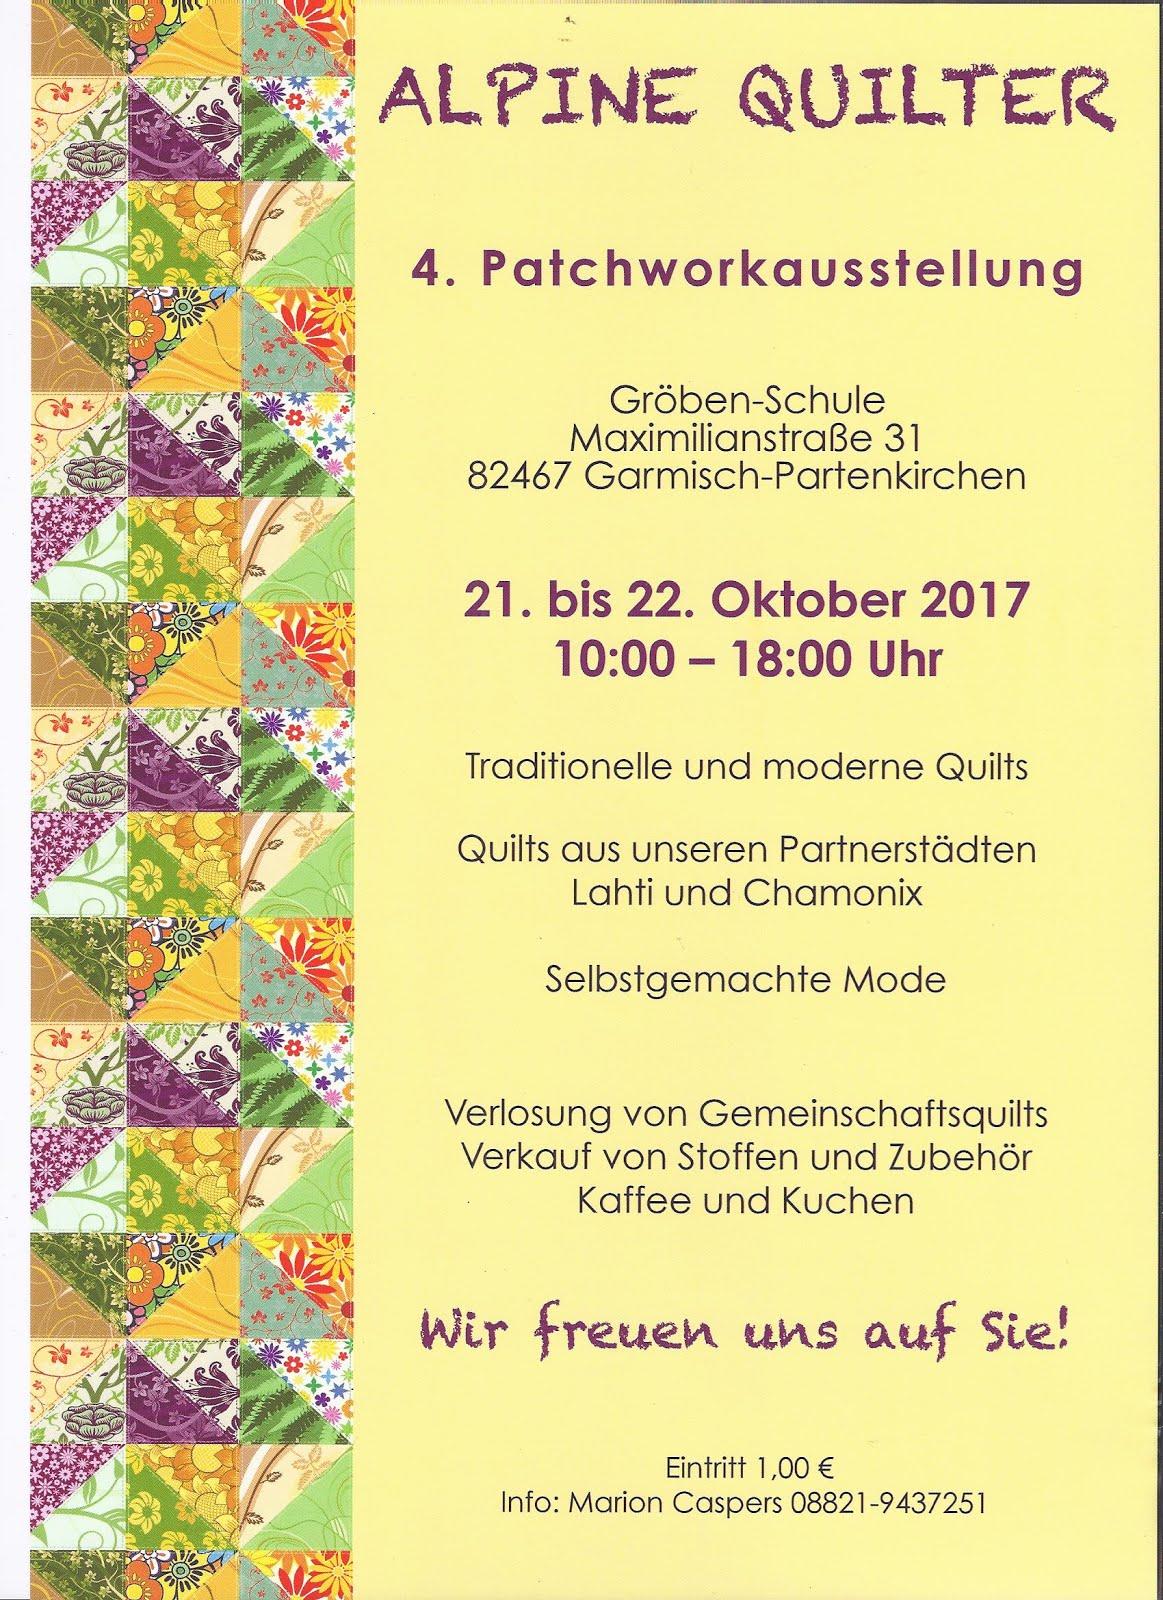 Patchworkausstellung